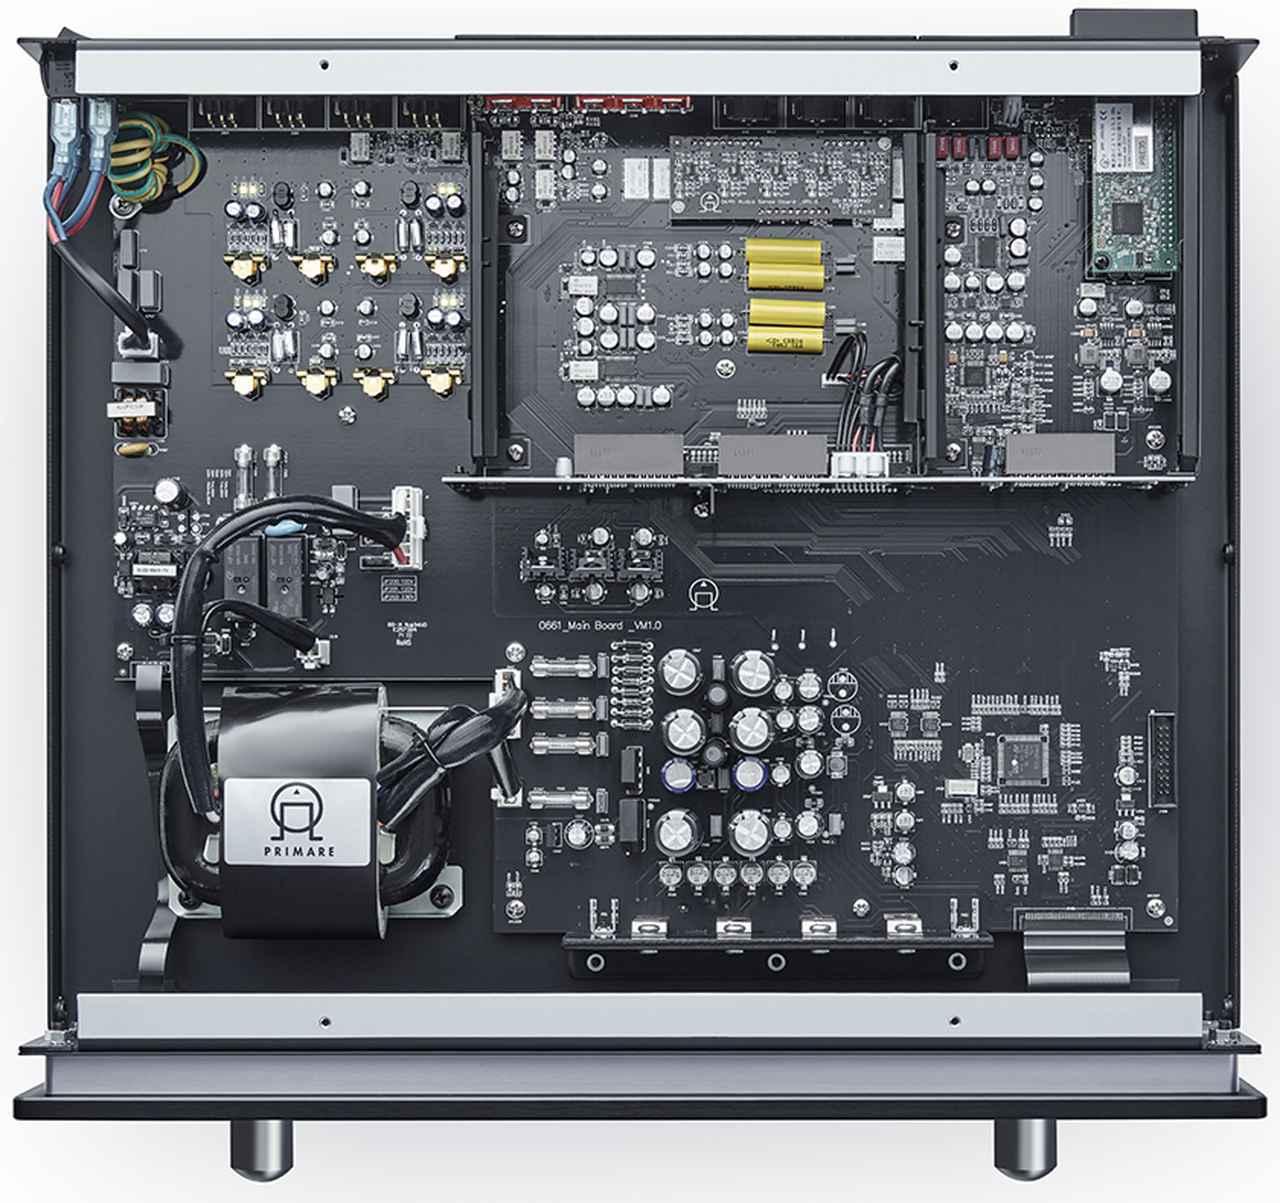 画像: ↑PRE35のメイン電源はカスタムメイド・トランスと、電解コンデンサーを複数使用したオリジナルのリニア電源であり、信号を検知することで、電源オンや入力を自動で切り替えるオートセンス設定もできる。他にも接続していない入力を表示させないステータス設定、入力ごとに音量やバイパスが可能なボリュウム設定など、制御面でユーザーへ配慮がみられる